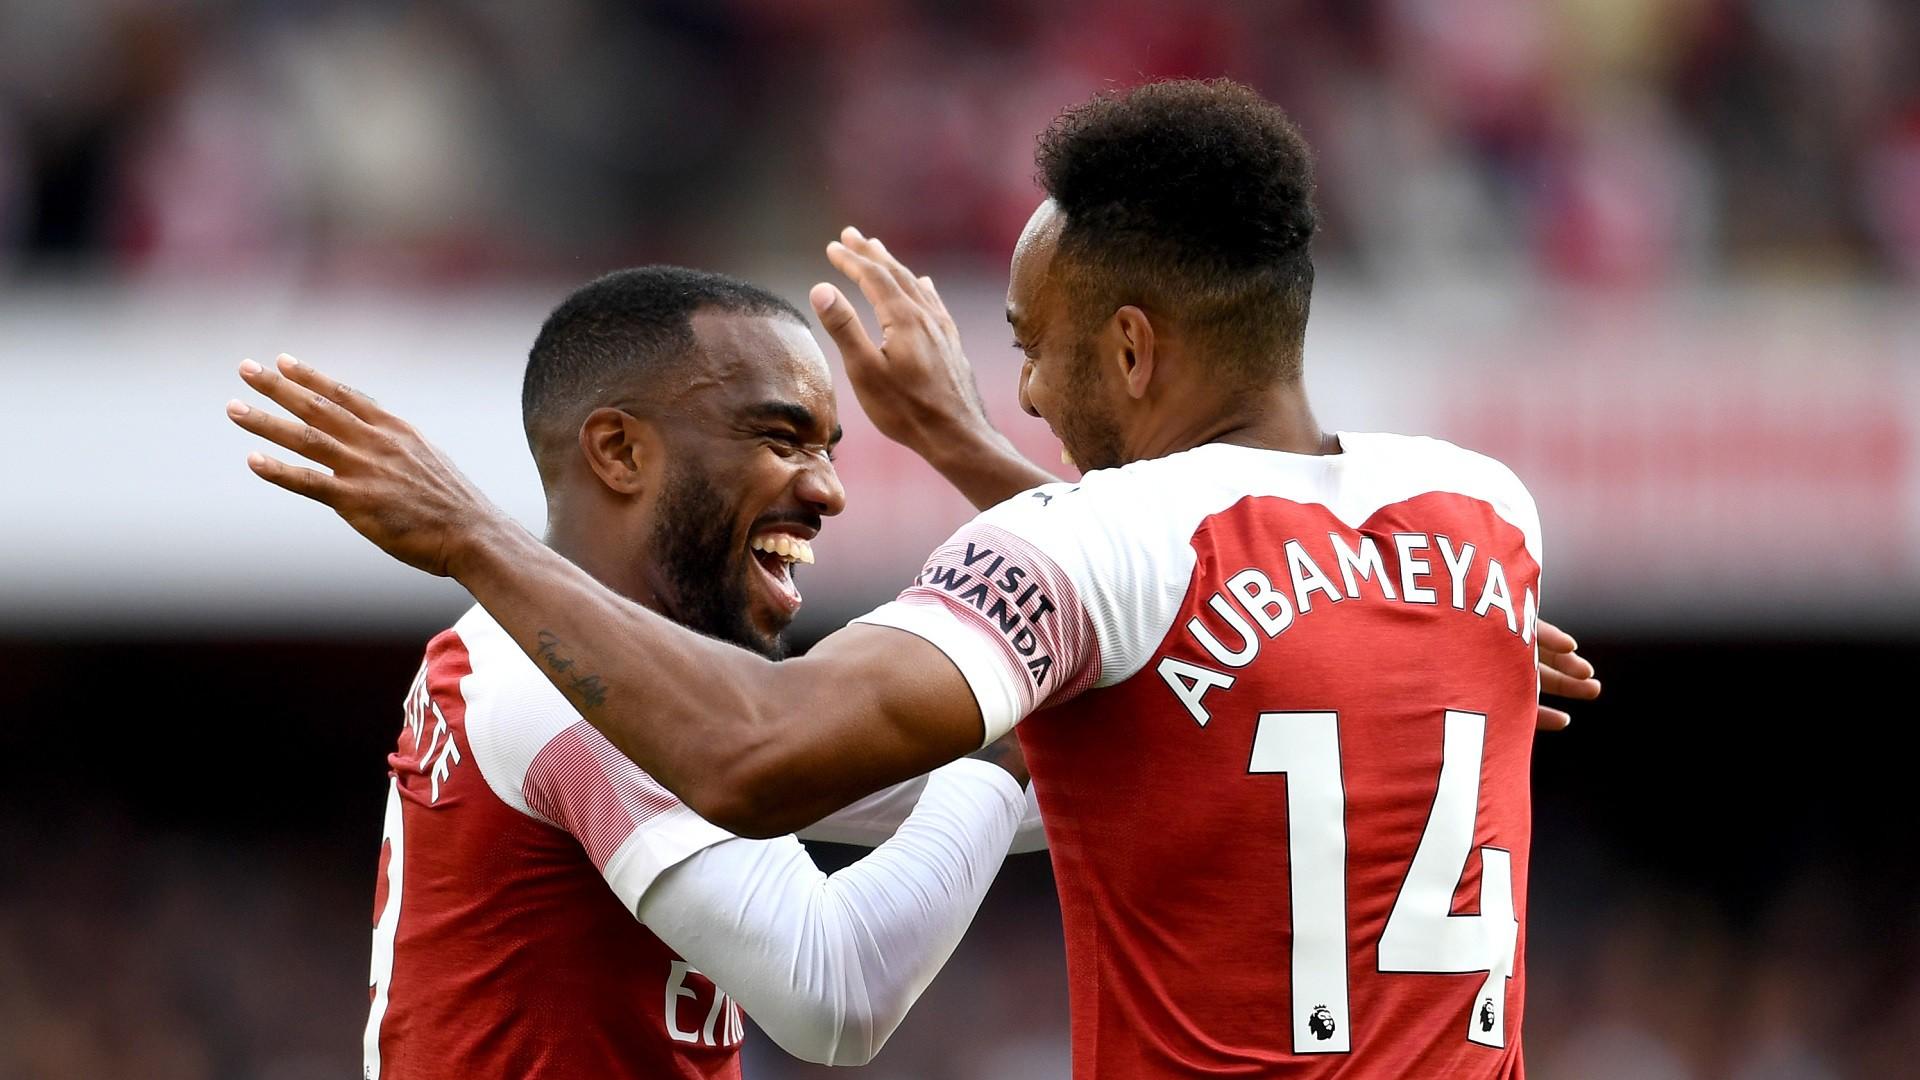 Thống kê ấn tượng của Pháo hai nòng Aubameyang - Lacazette sẽ giúp Arsenal trở lại Top 4? - Ảnh 3.